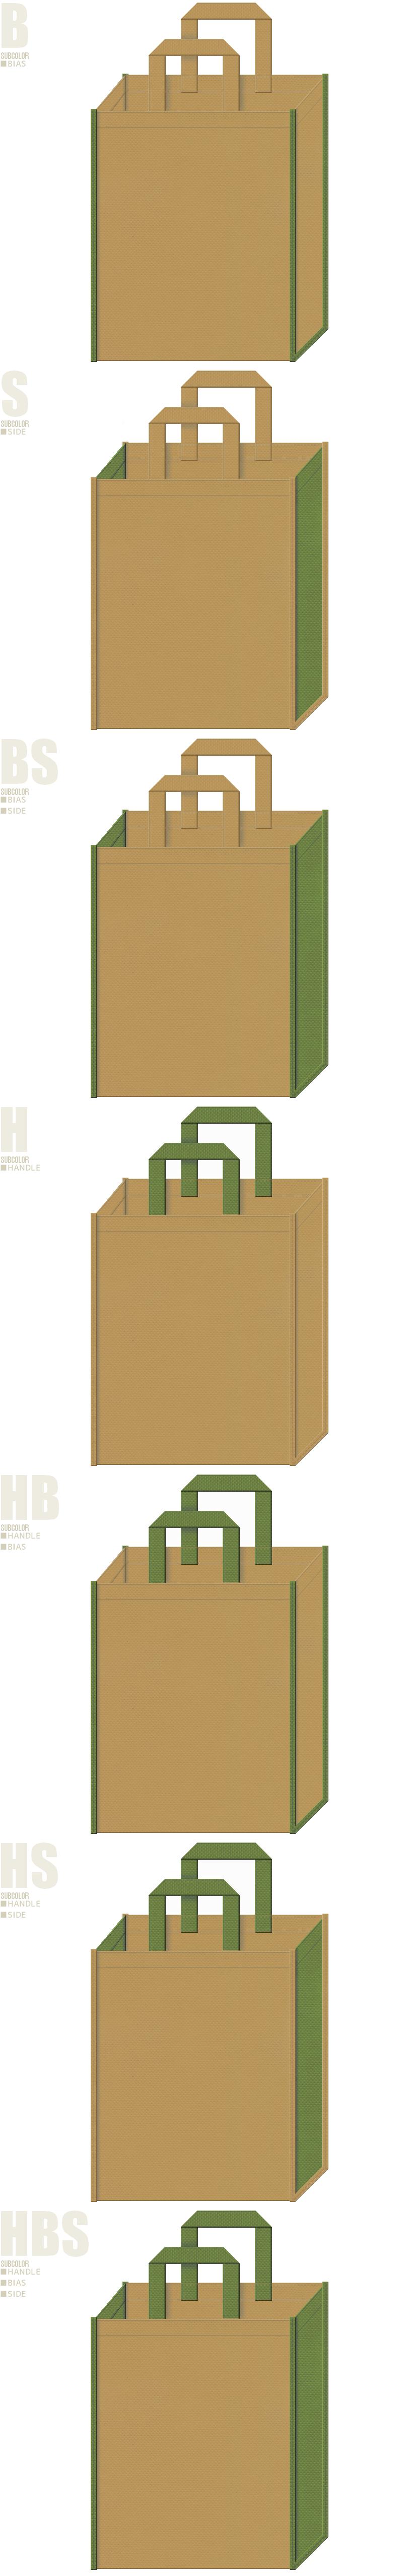 金色系黄土色と草色、7パターンの不織布トートバッグ配色デザイン例。DIYの展示会用バッグ、和風催事の不織布バッグにお奨めの配色です。江戸時代風。